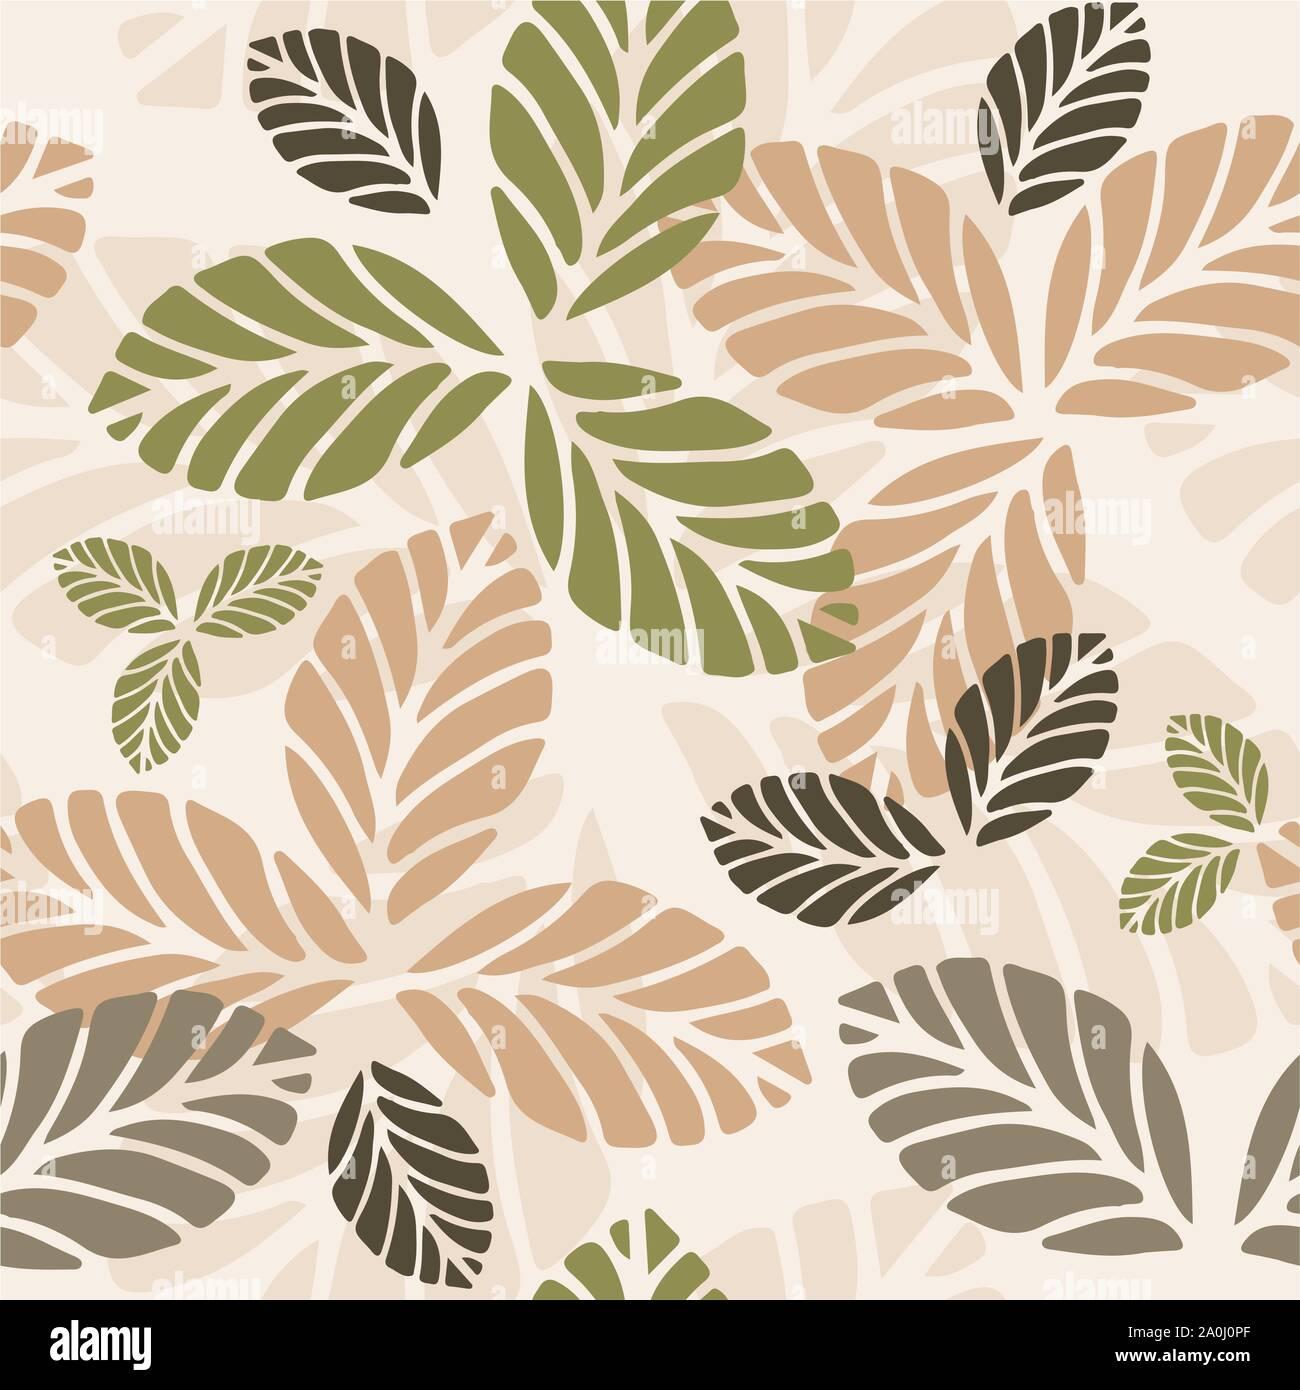 Transparente avec motif floral les feuilles d'automne Illustration de Vecteur